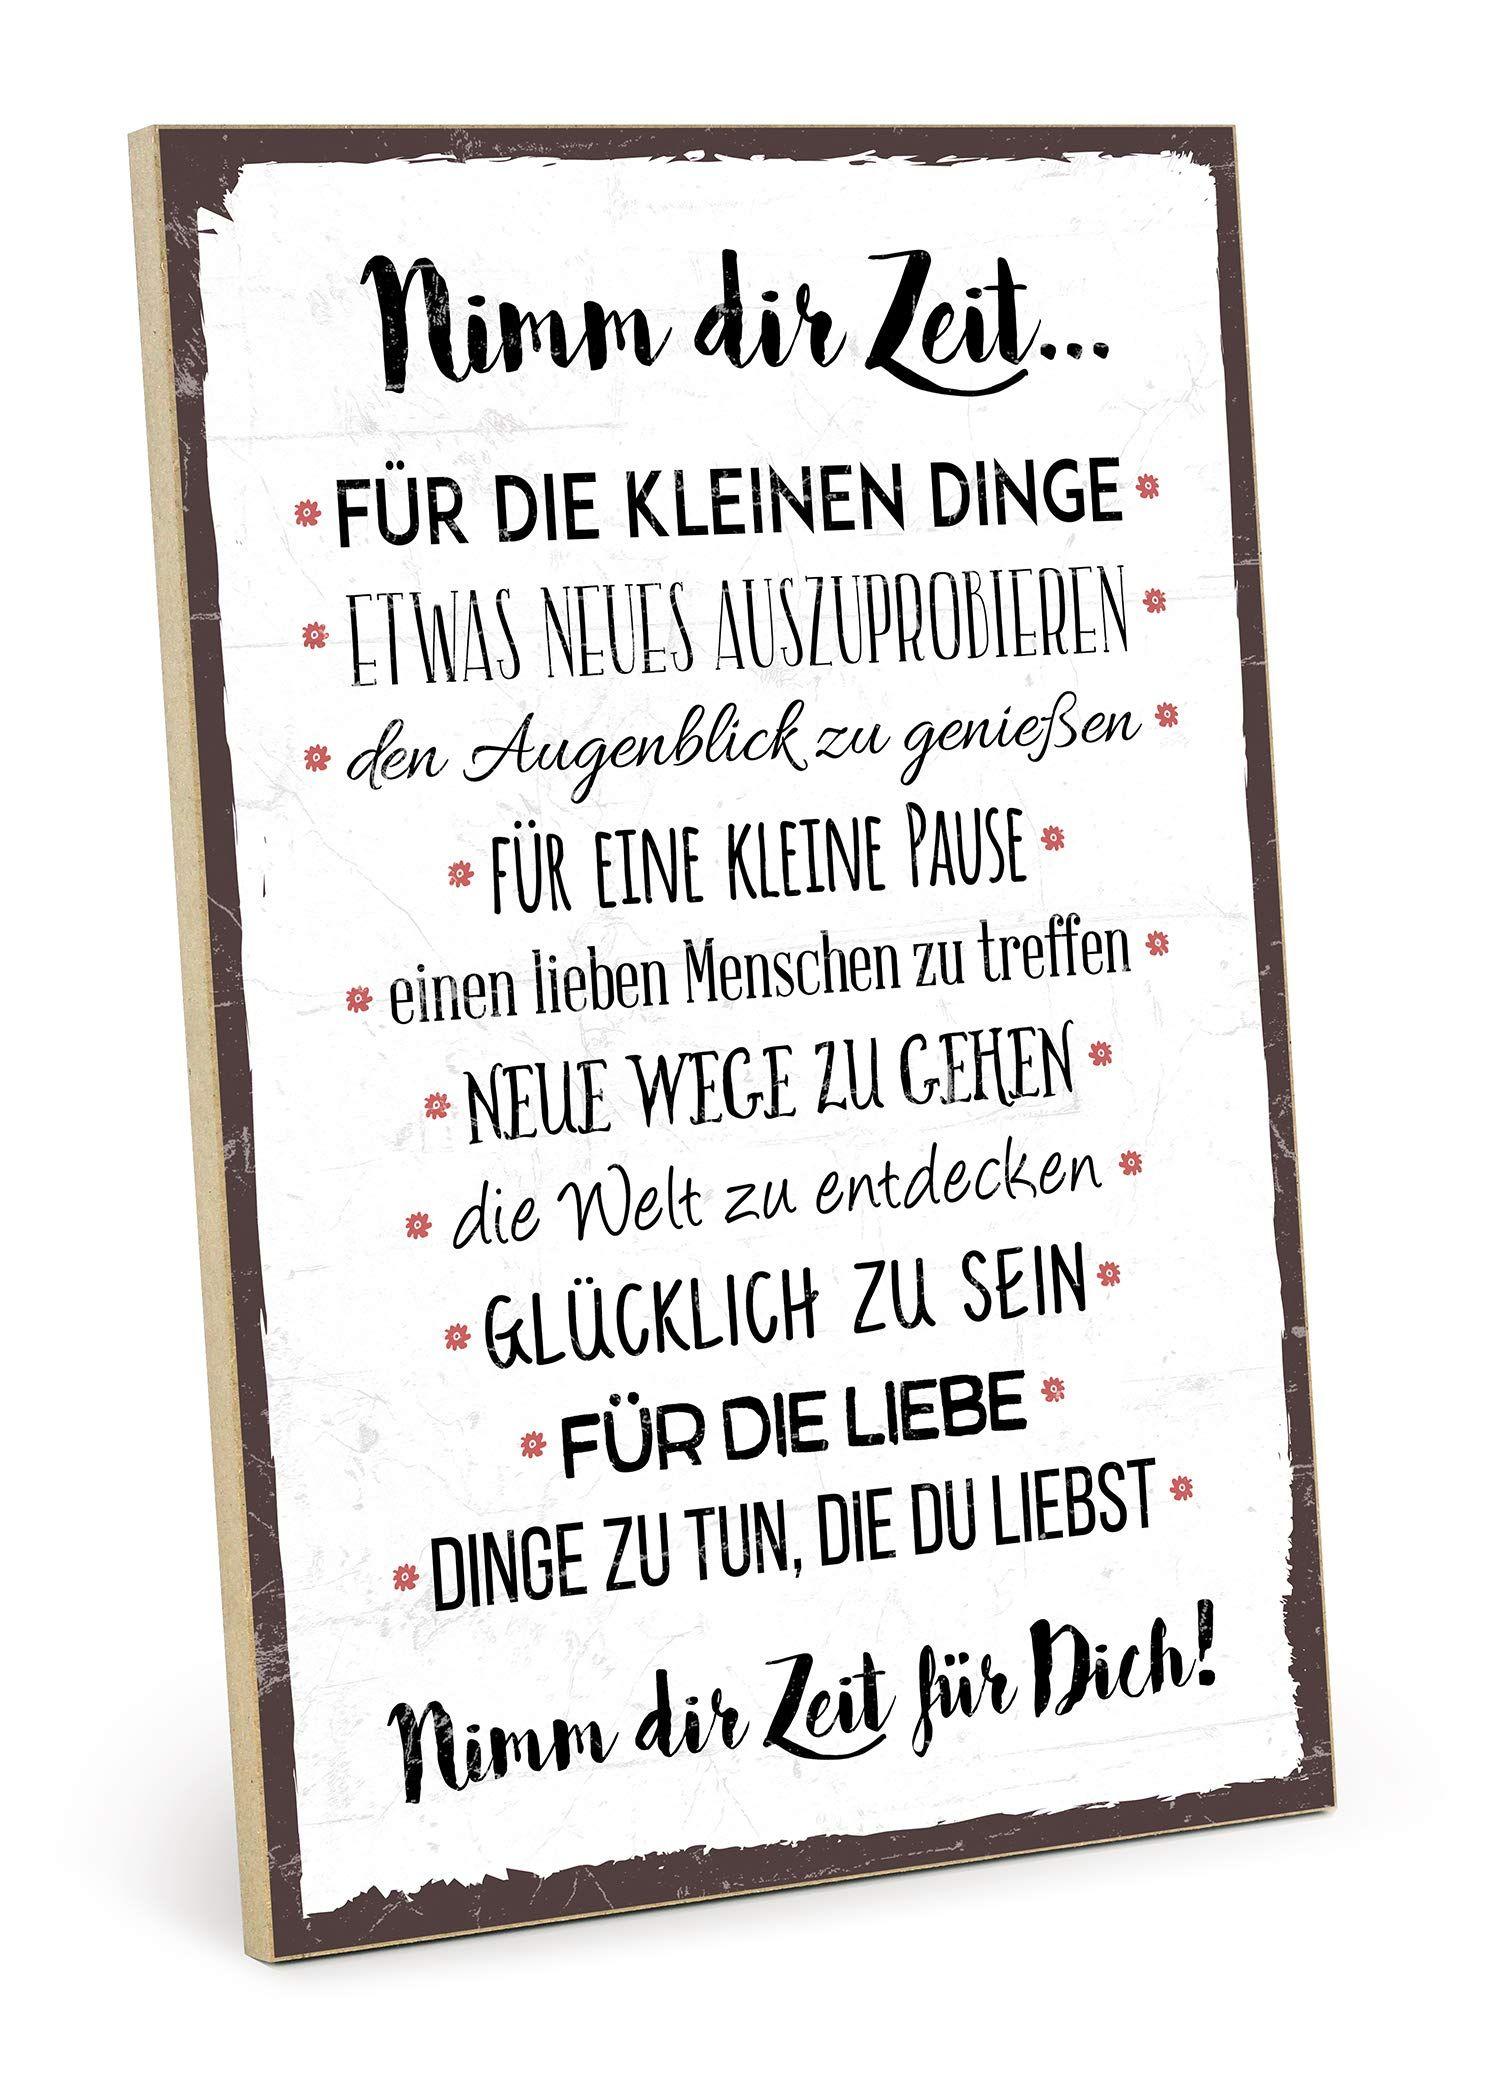 Typestoff Holzschild Mit Spruch Nimm Dir Zeit Im Vintage Look Mit Zitat Als Geschenk Und Dekoration In 2020 Zitate Liebe Hochzeit Walt Disney Zitate Disney Zitate